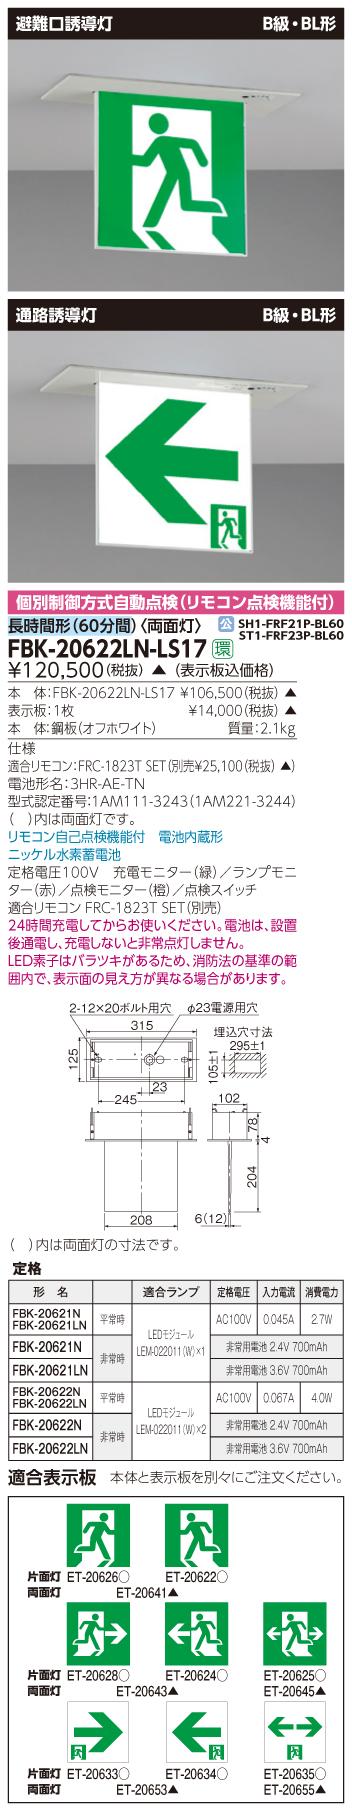 【法人様限定】東芝 FBK-20622LN-LS17 LED誘導灯 天井埋込形 電池内蔵 両面 B級BL形 長時間(60分) 【表示板別売】